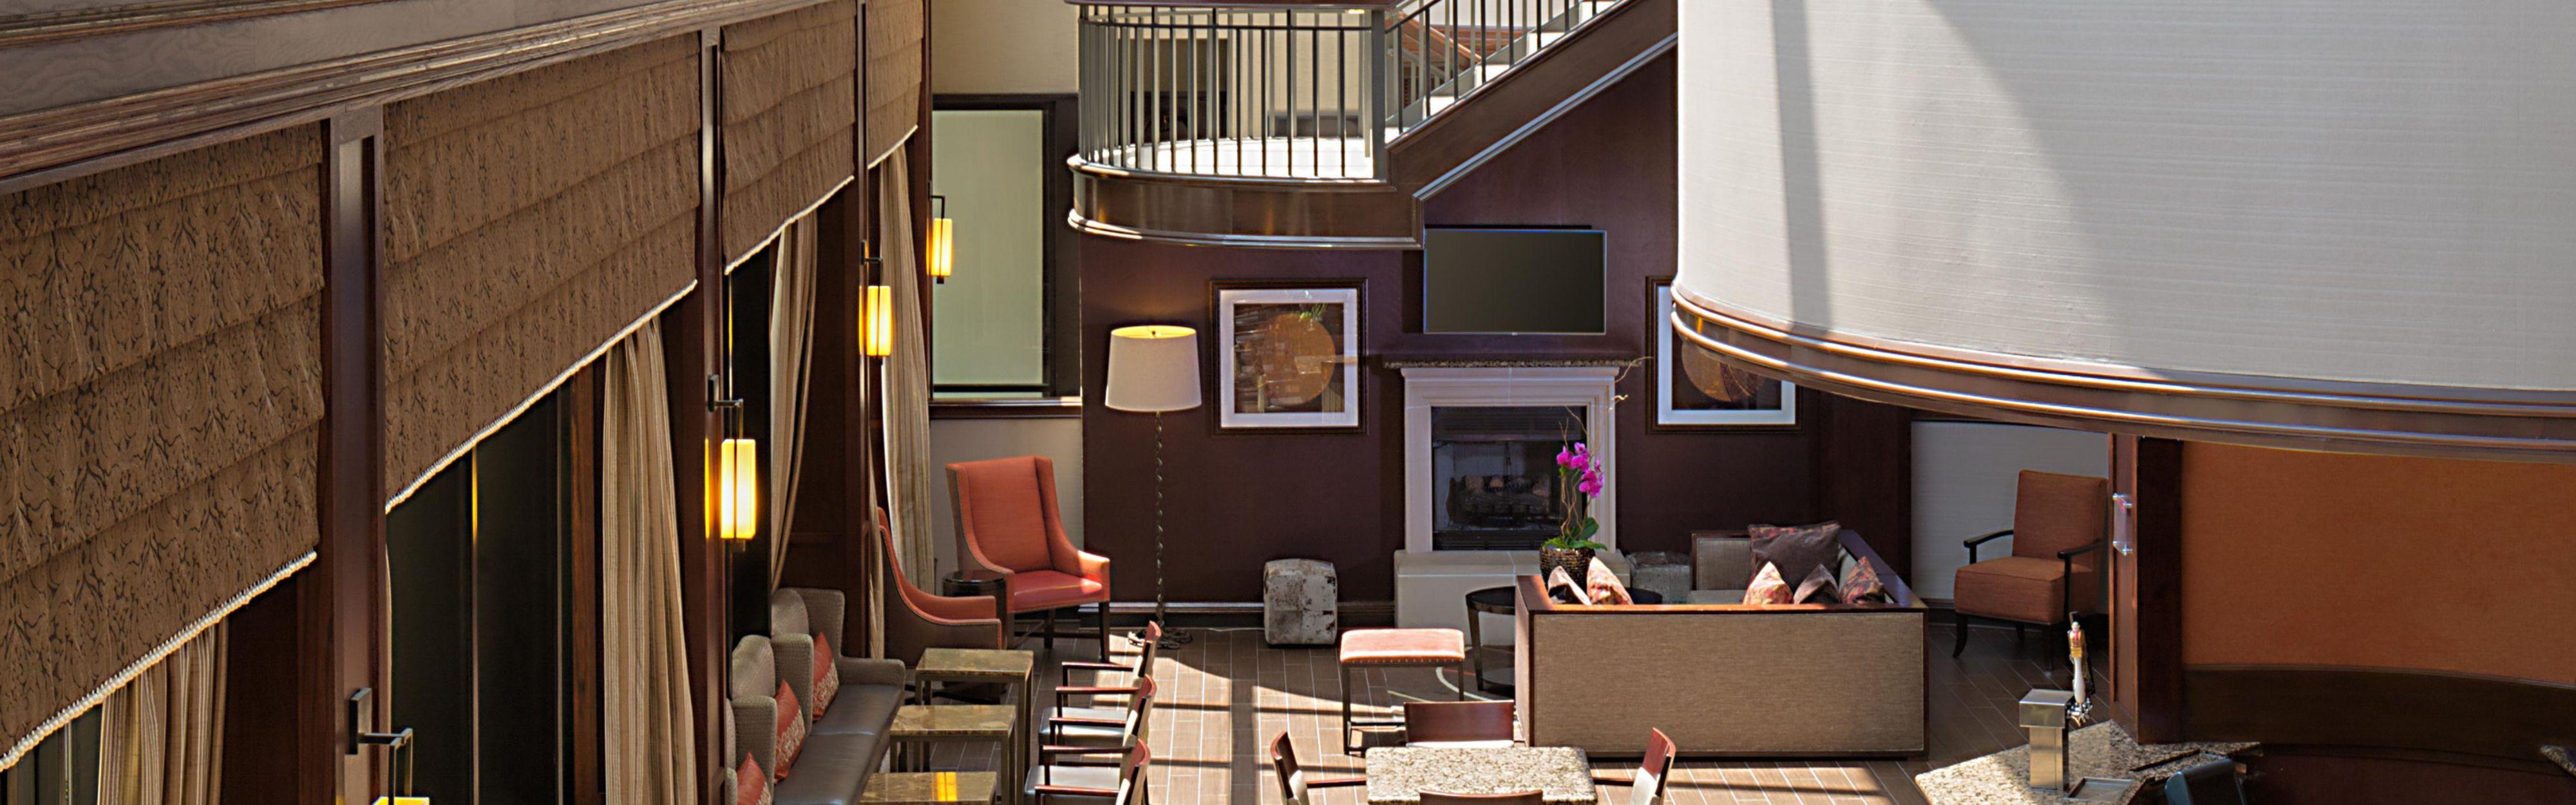 crowne plaza dallas near galleria addison addison texas. Black Bedroom Furniture Sets. Home Design Ideas